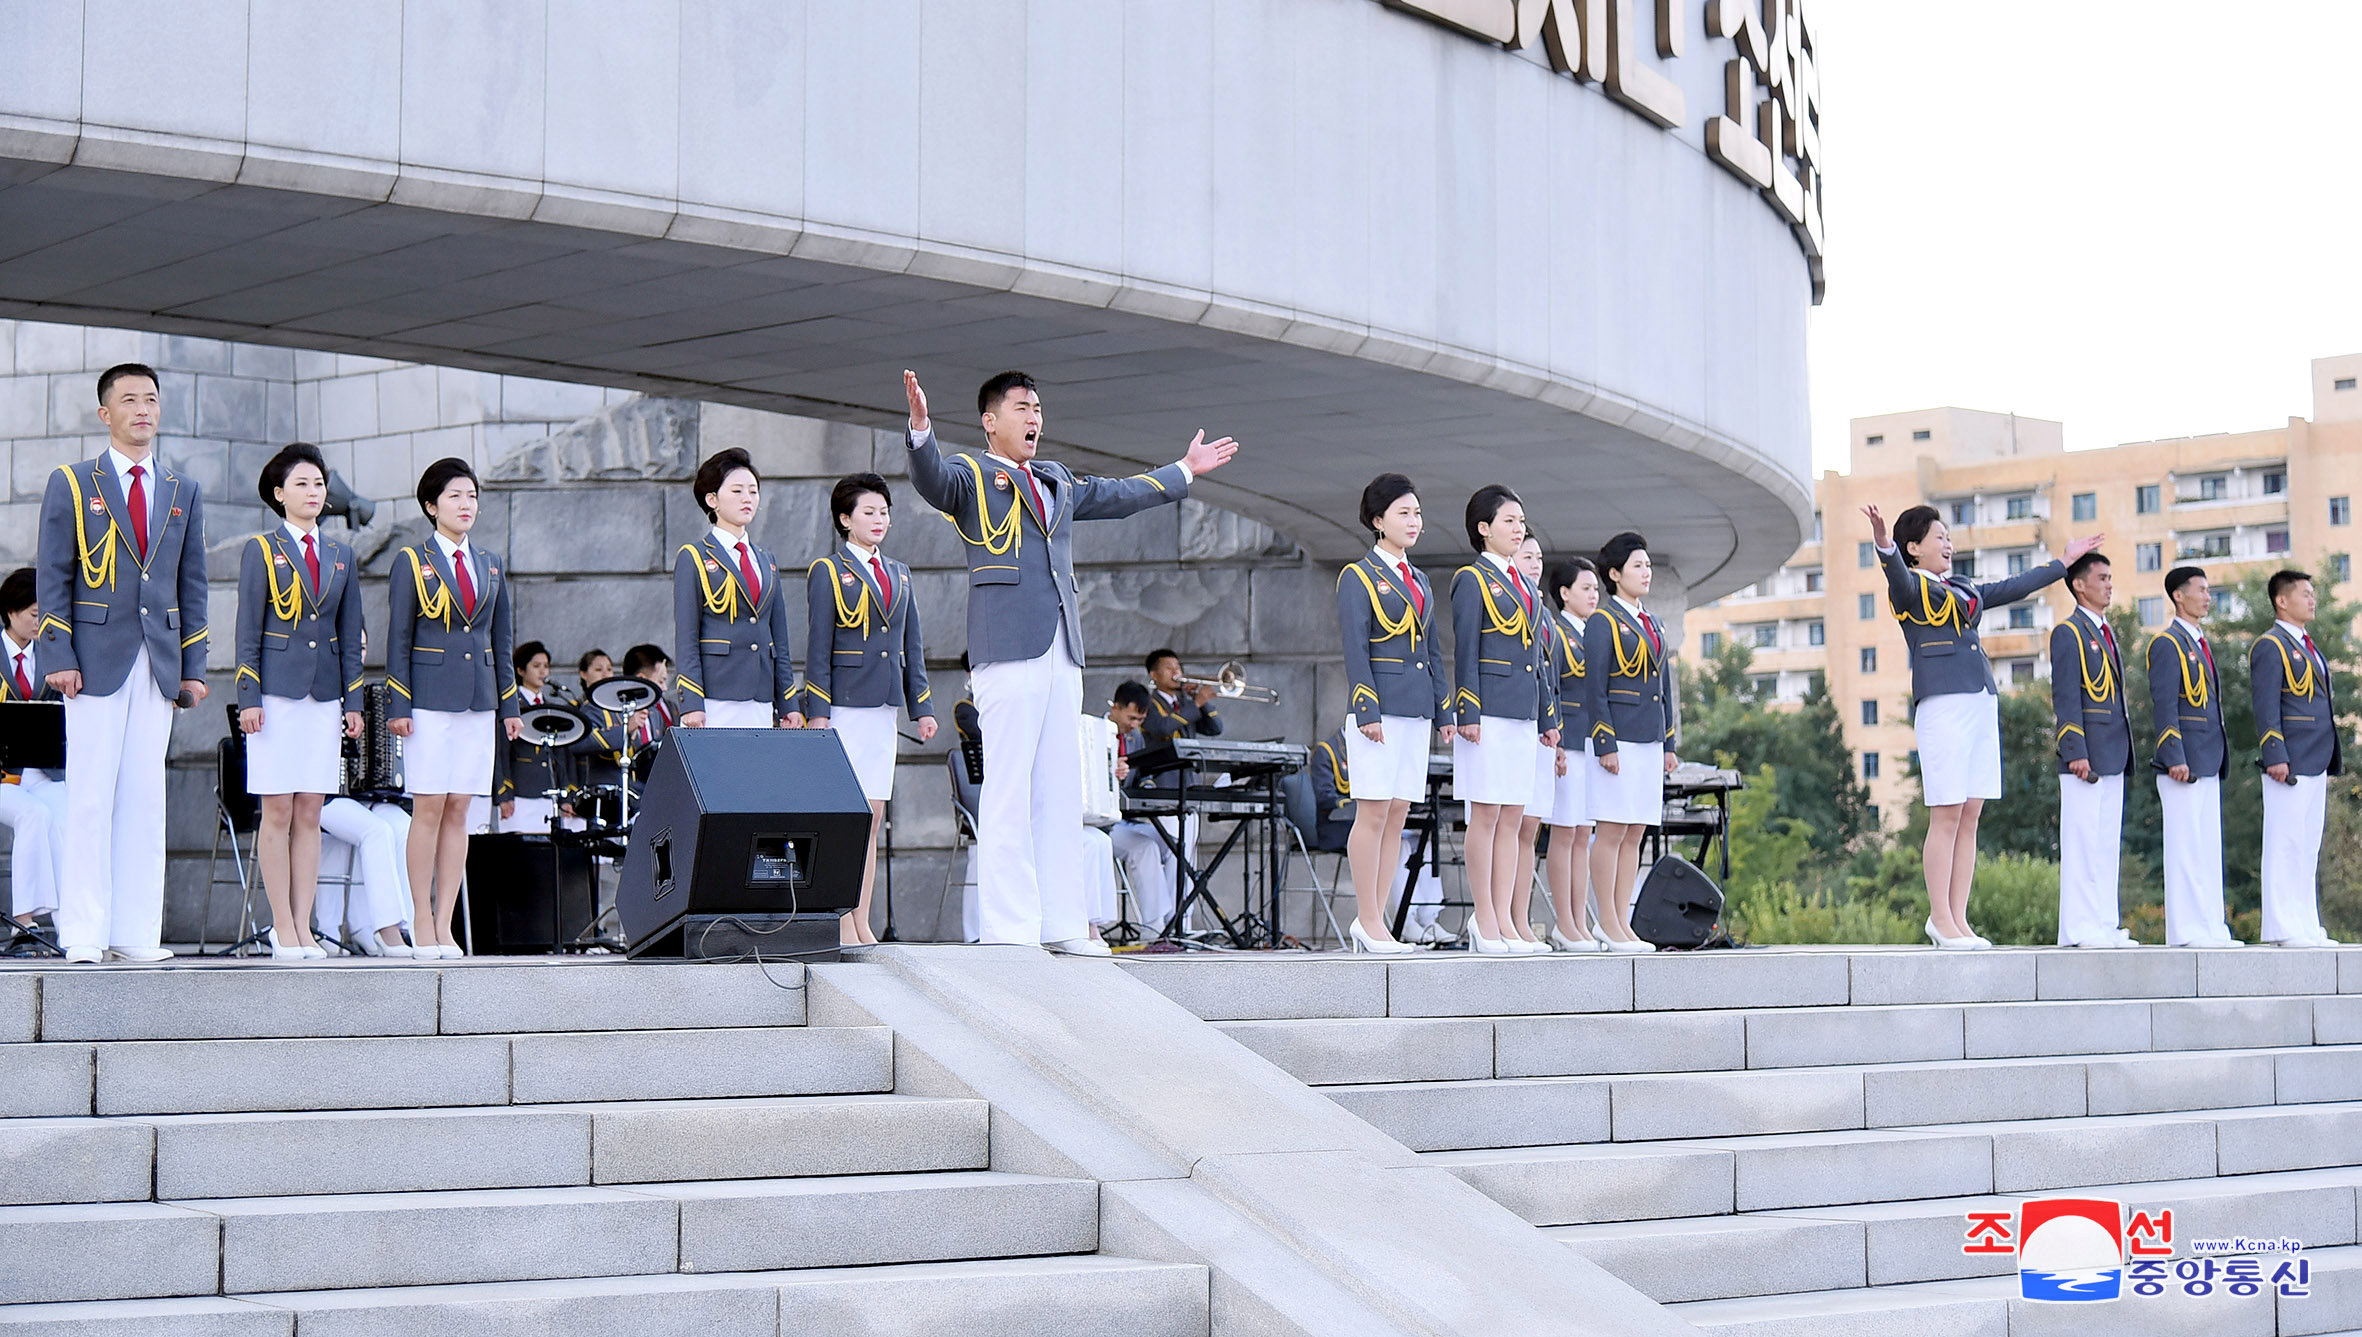 فريق غنائي يحى احتفالات كوريا الشمالية بذكرى تأسيس الحزب الحاكم